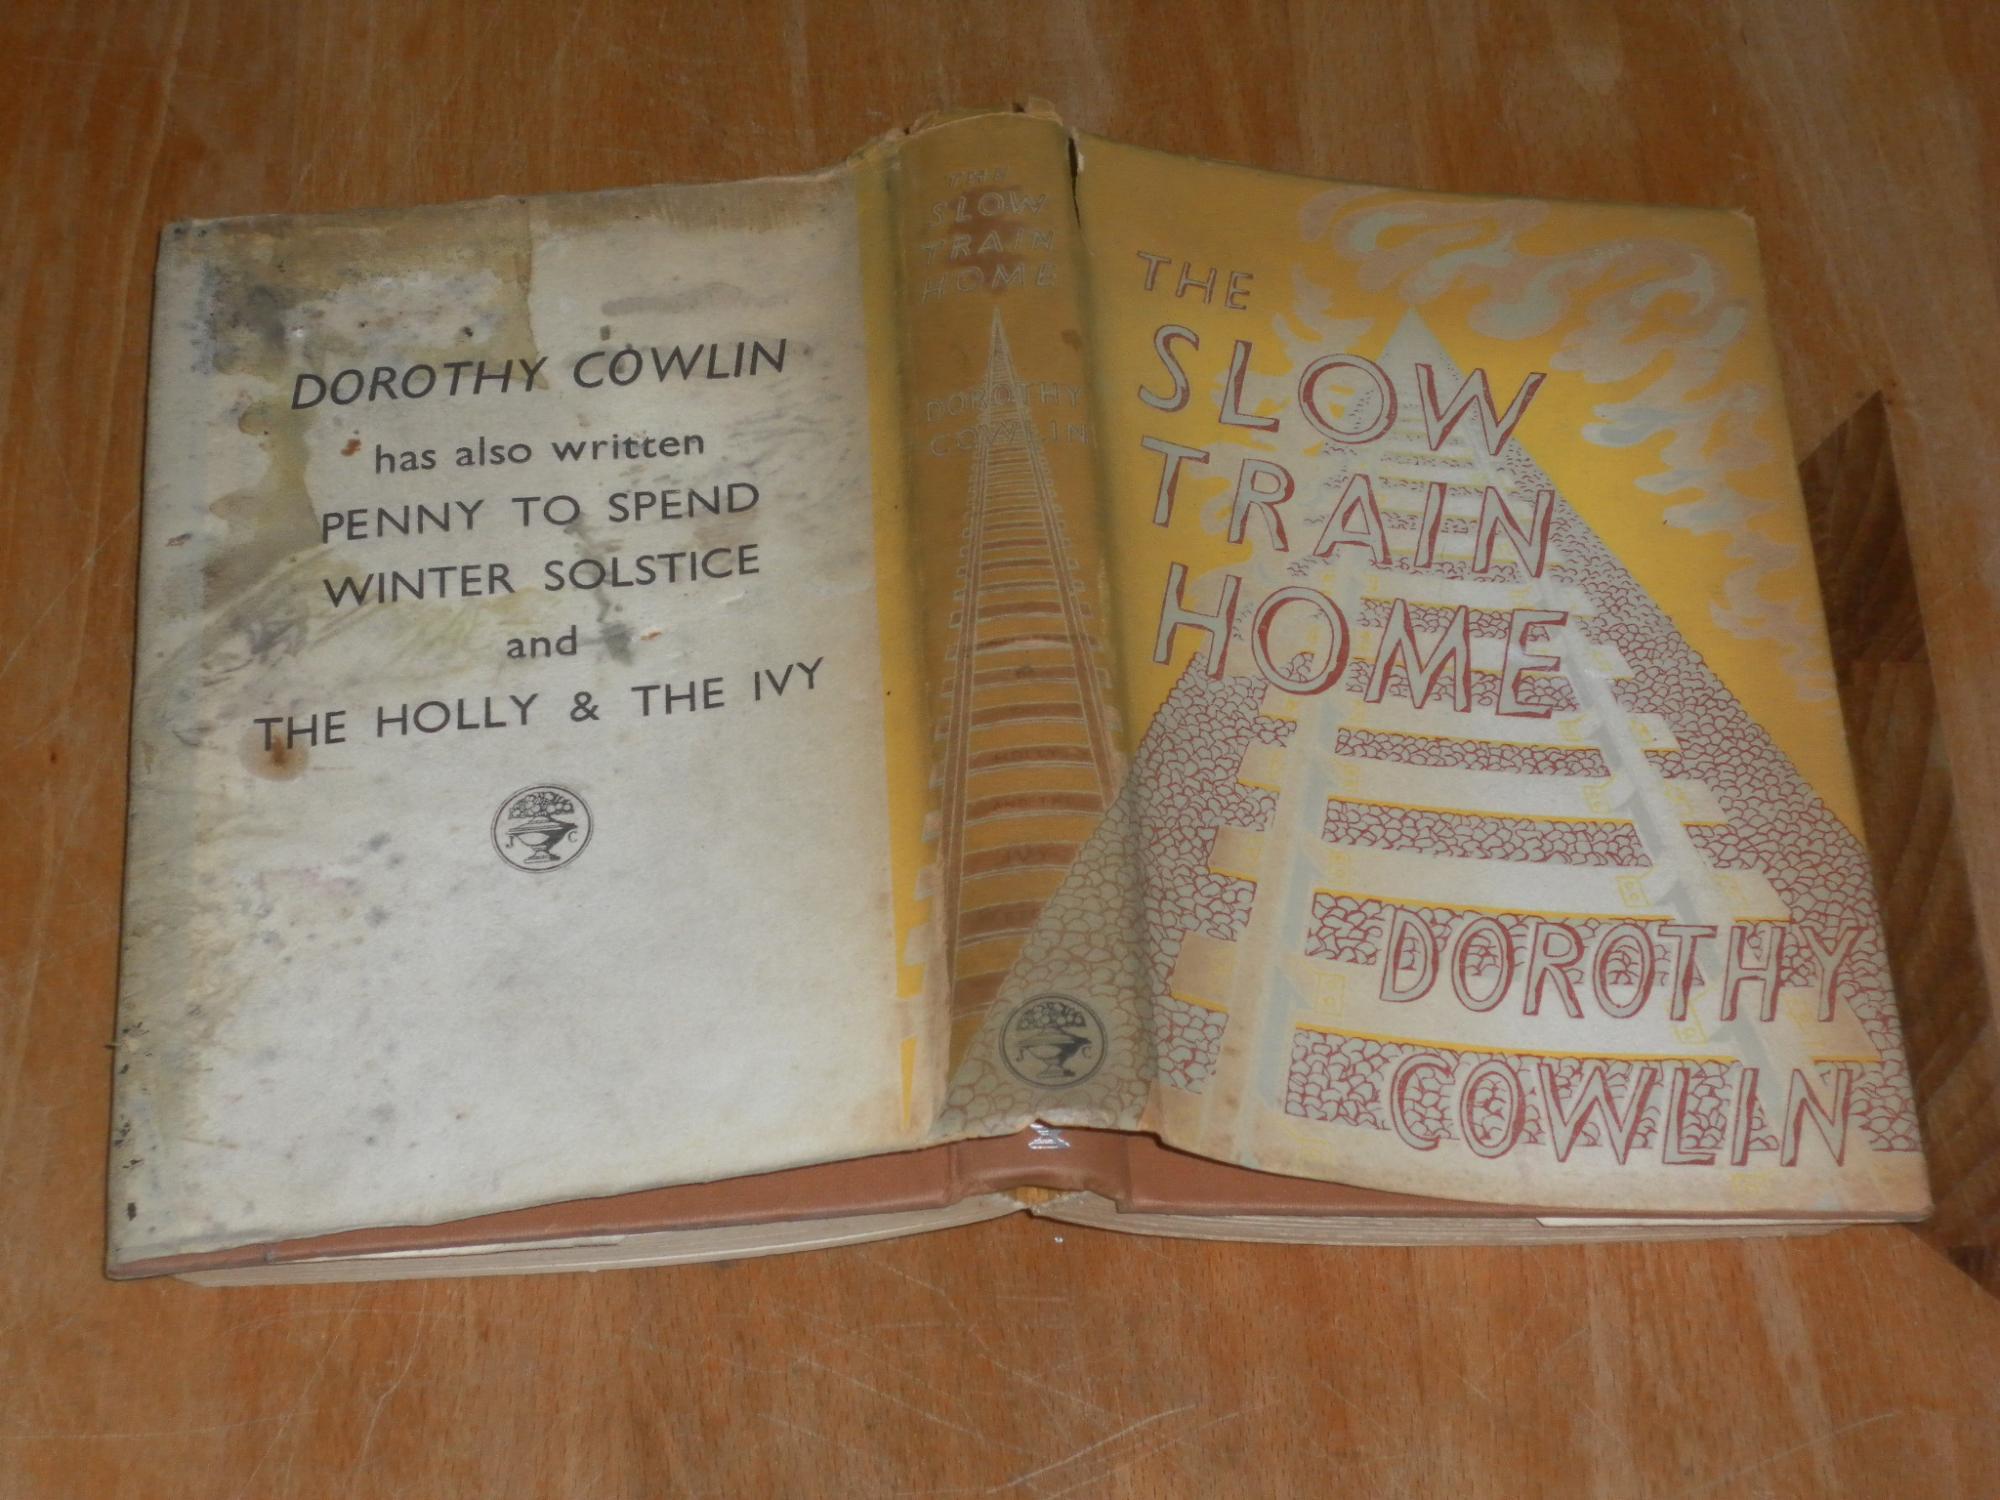 Dorothy Cowlin